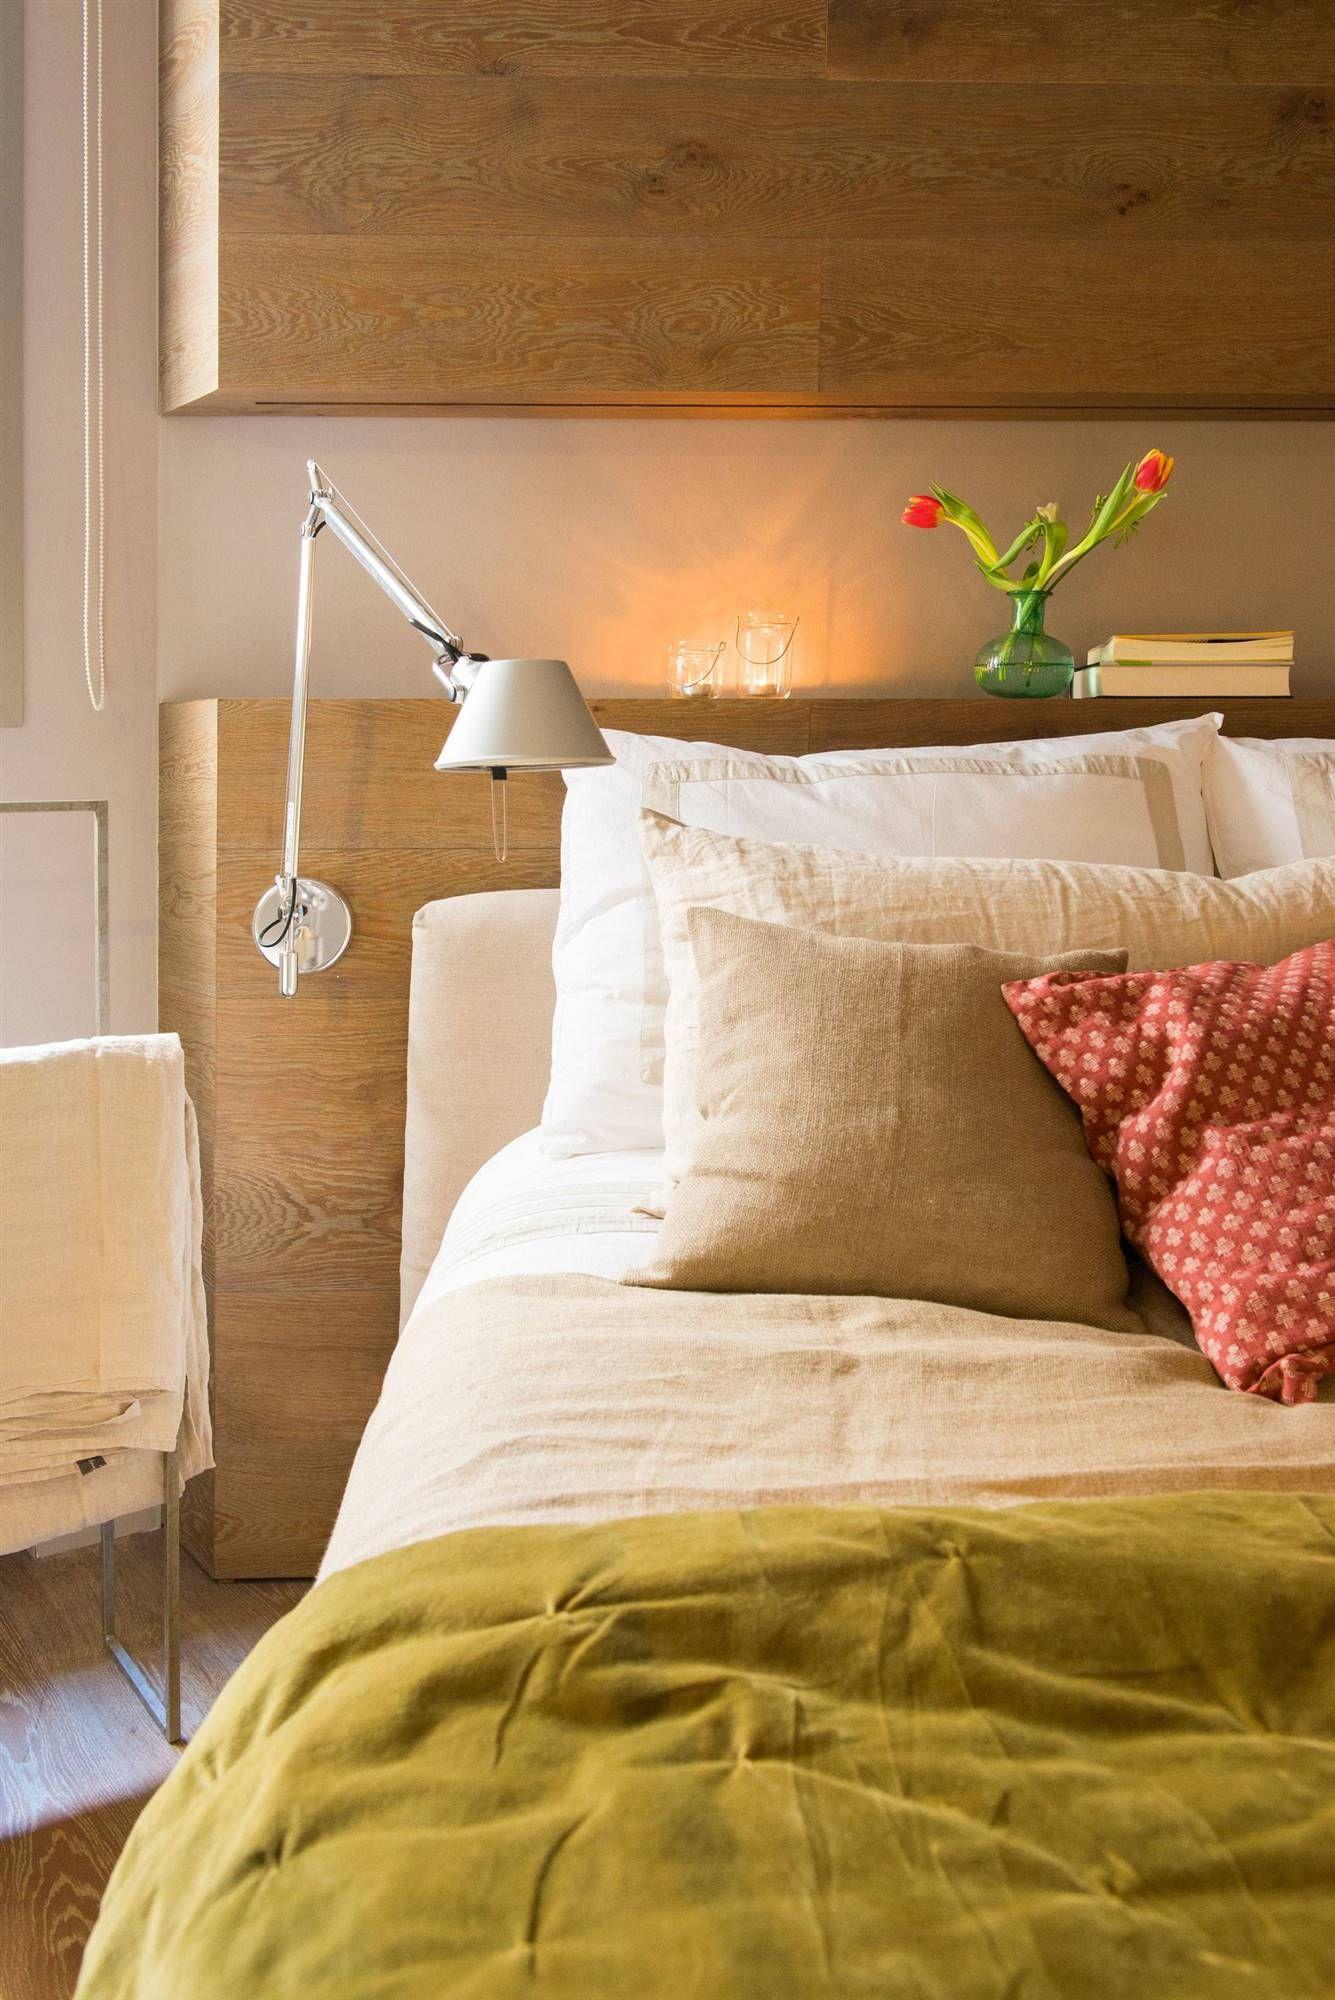 Muebles A Medida Estos Cabeceros Son Muy Ingeniosos Cabeceras De Cama Cabeceros De Cama Madera Camas